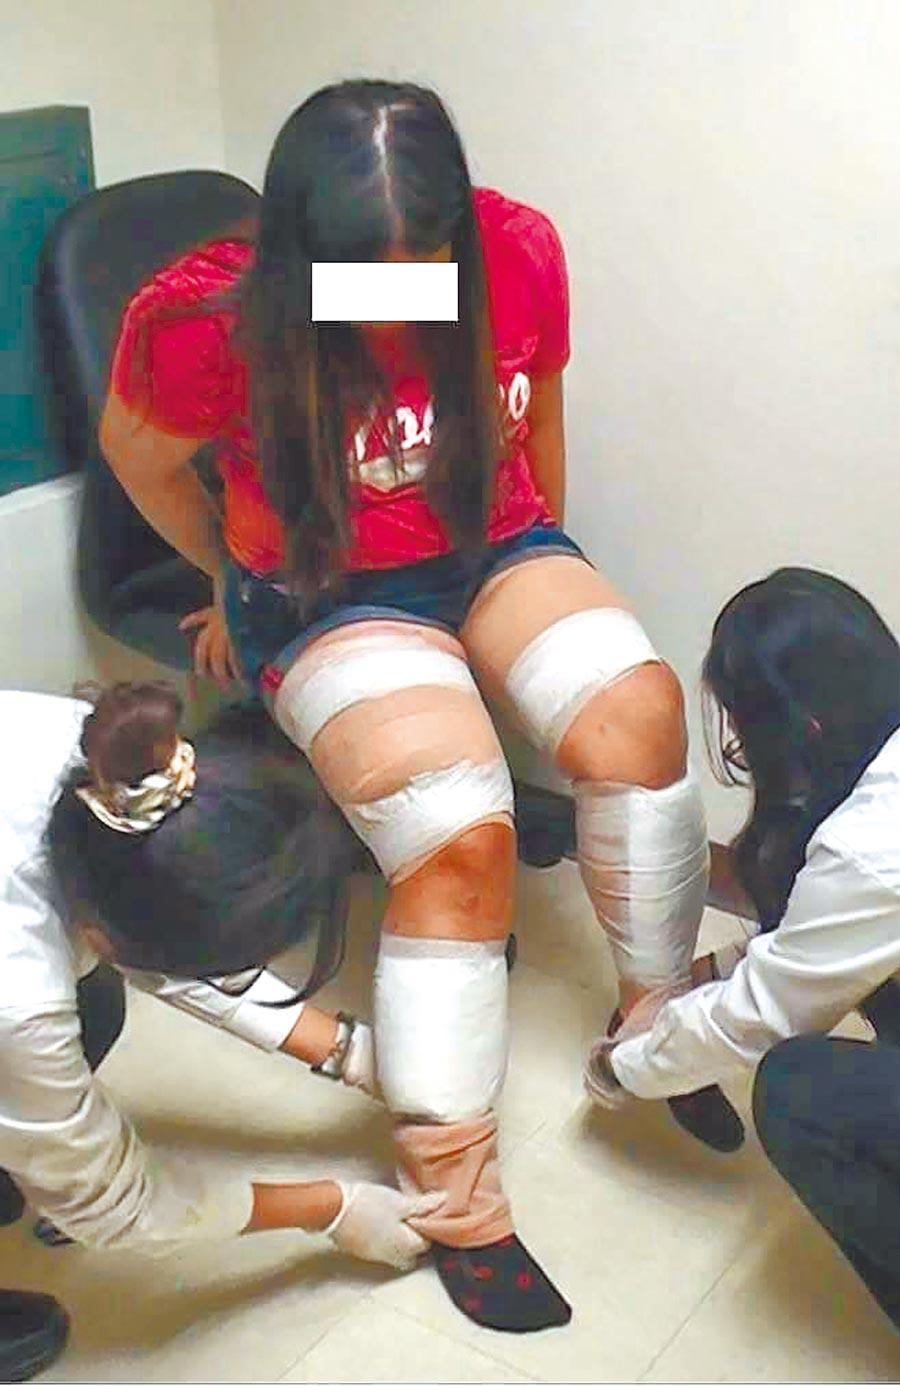 外国人来台涉毒案持续增加,图为马来西亚籍旅客涉嫌用弹性绷带将毒品绑在大小腿自高雄国际机场闯关遭查获。